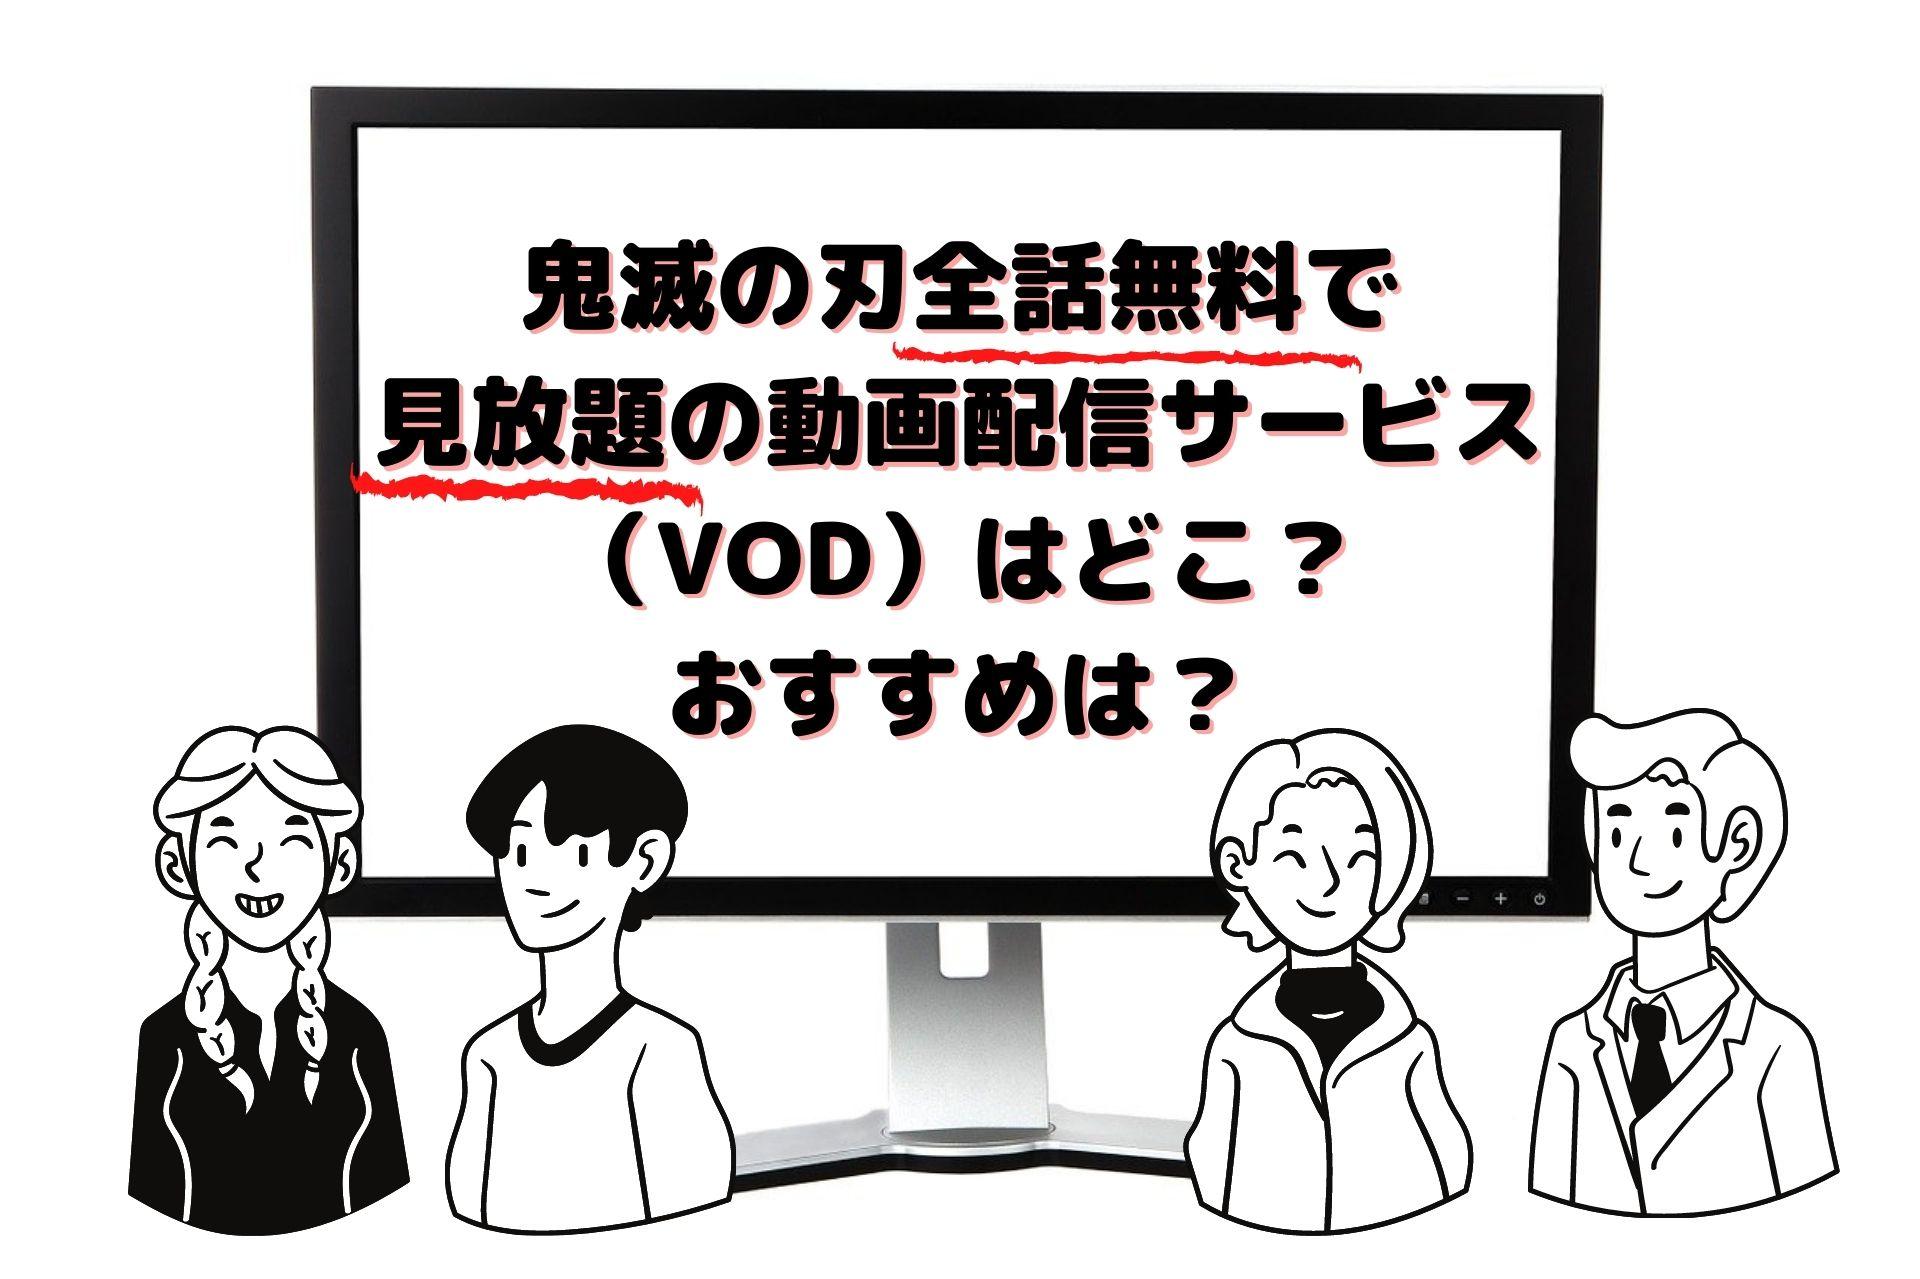 鬼滅の刃全話無料 見放題 動画配信サービス VOⅮ